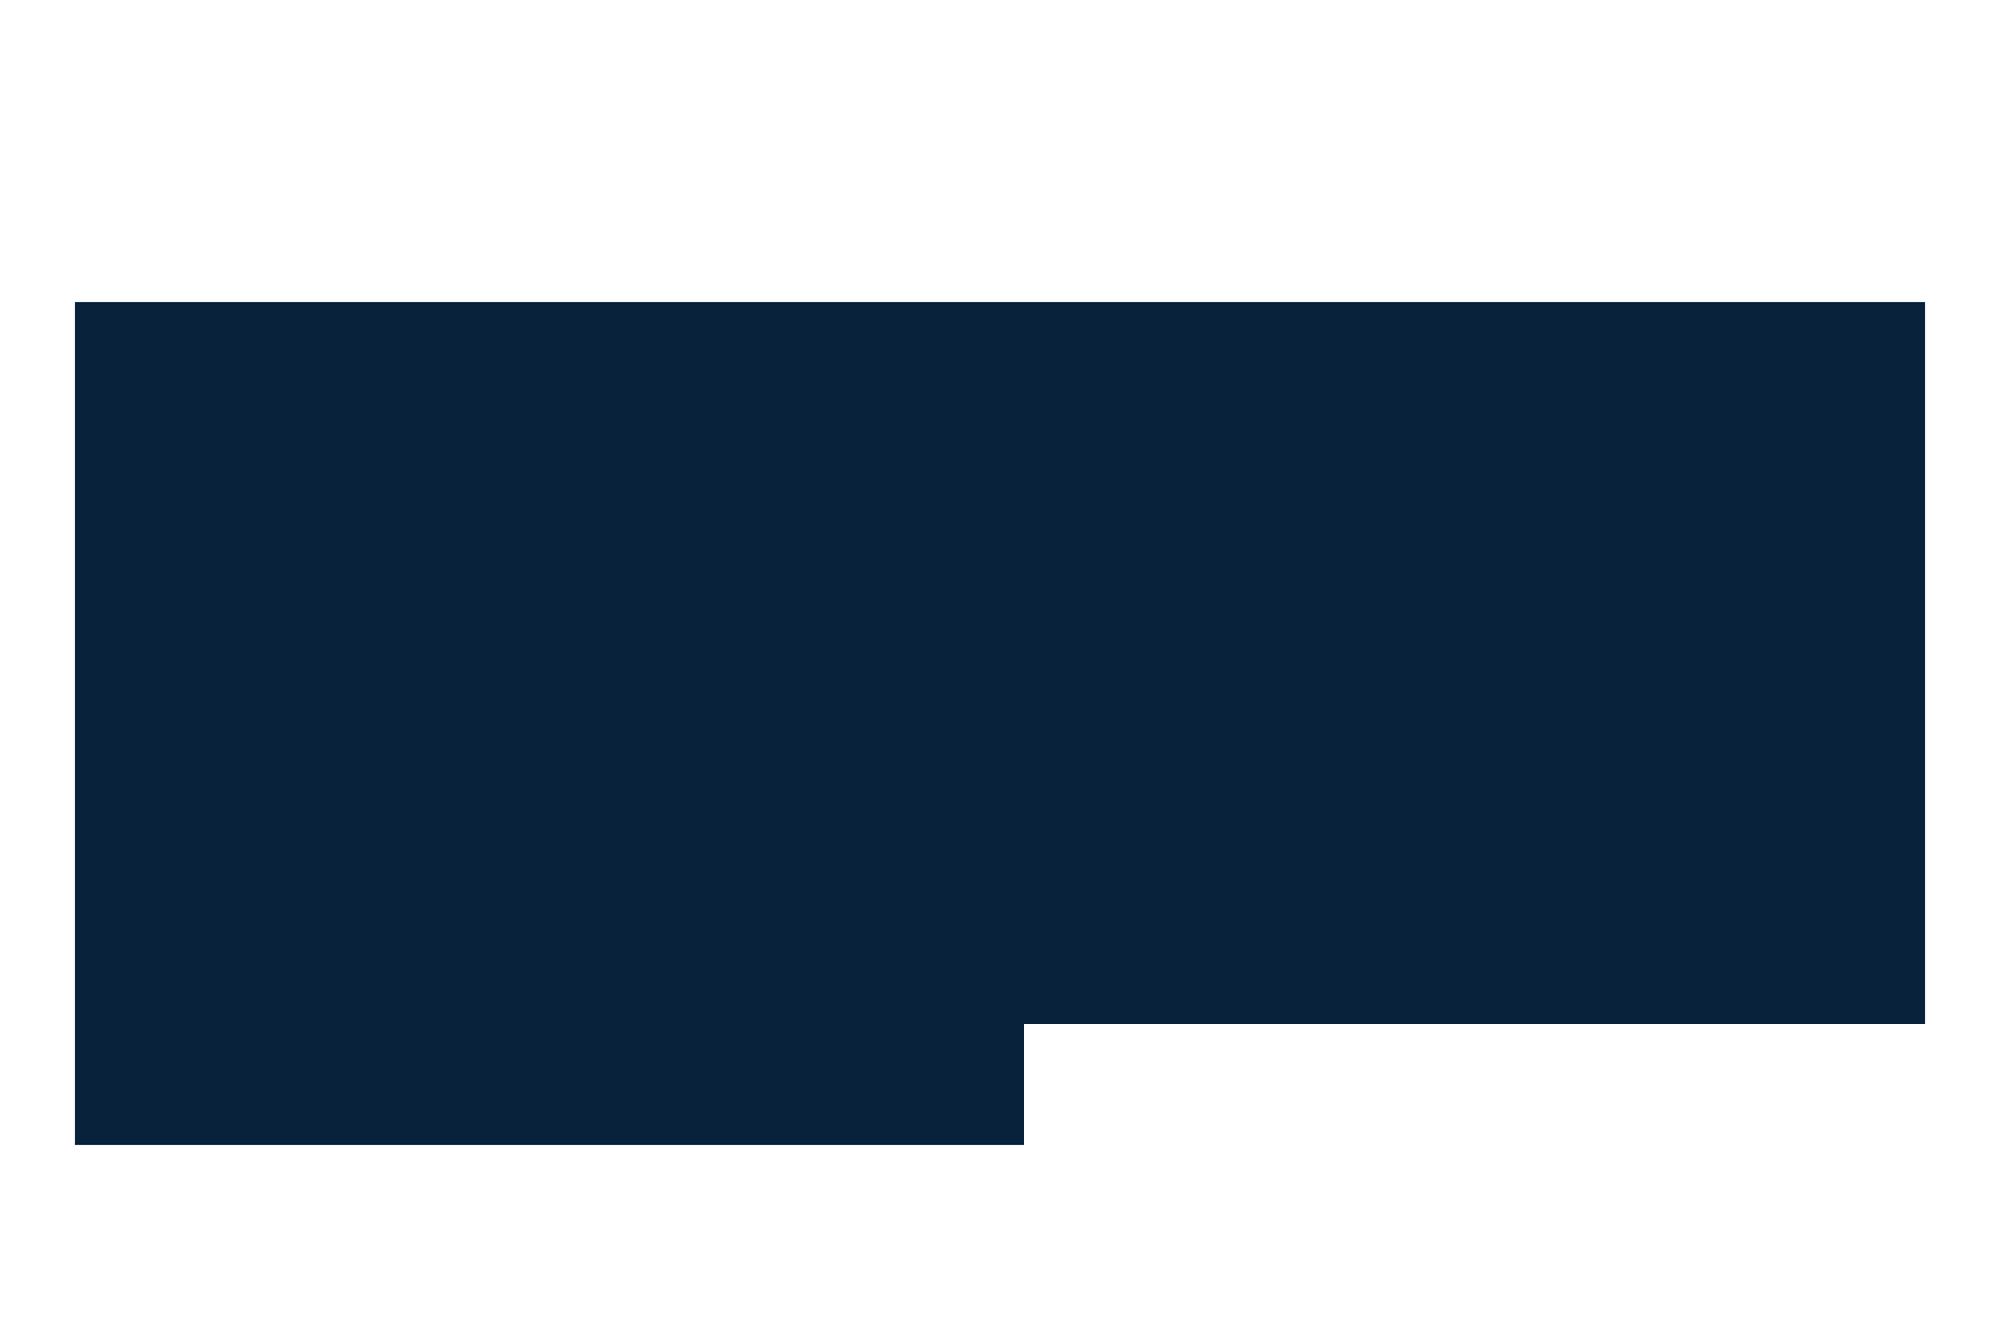 BAARS Eyewear